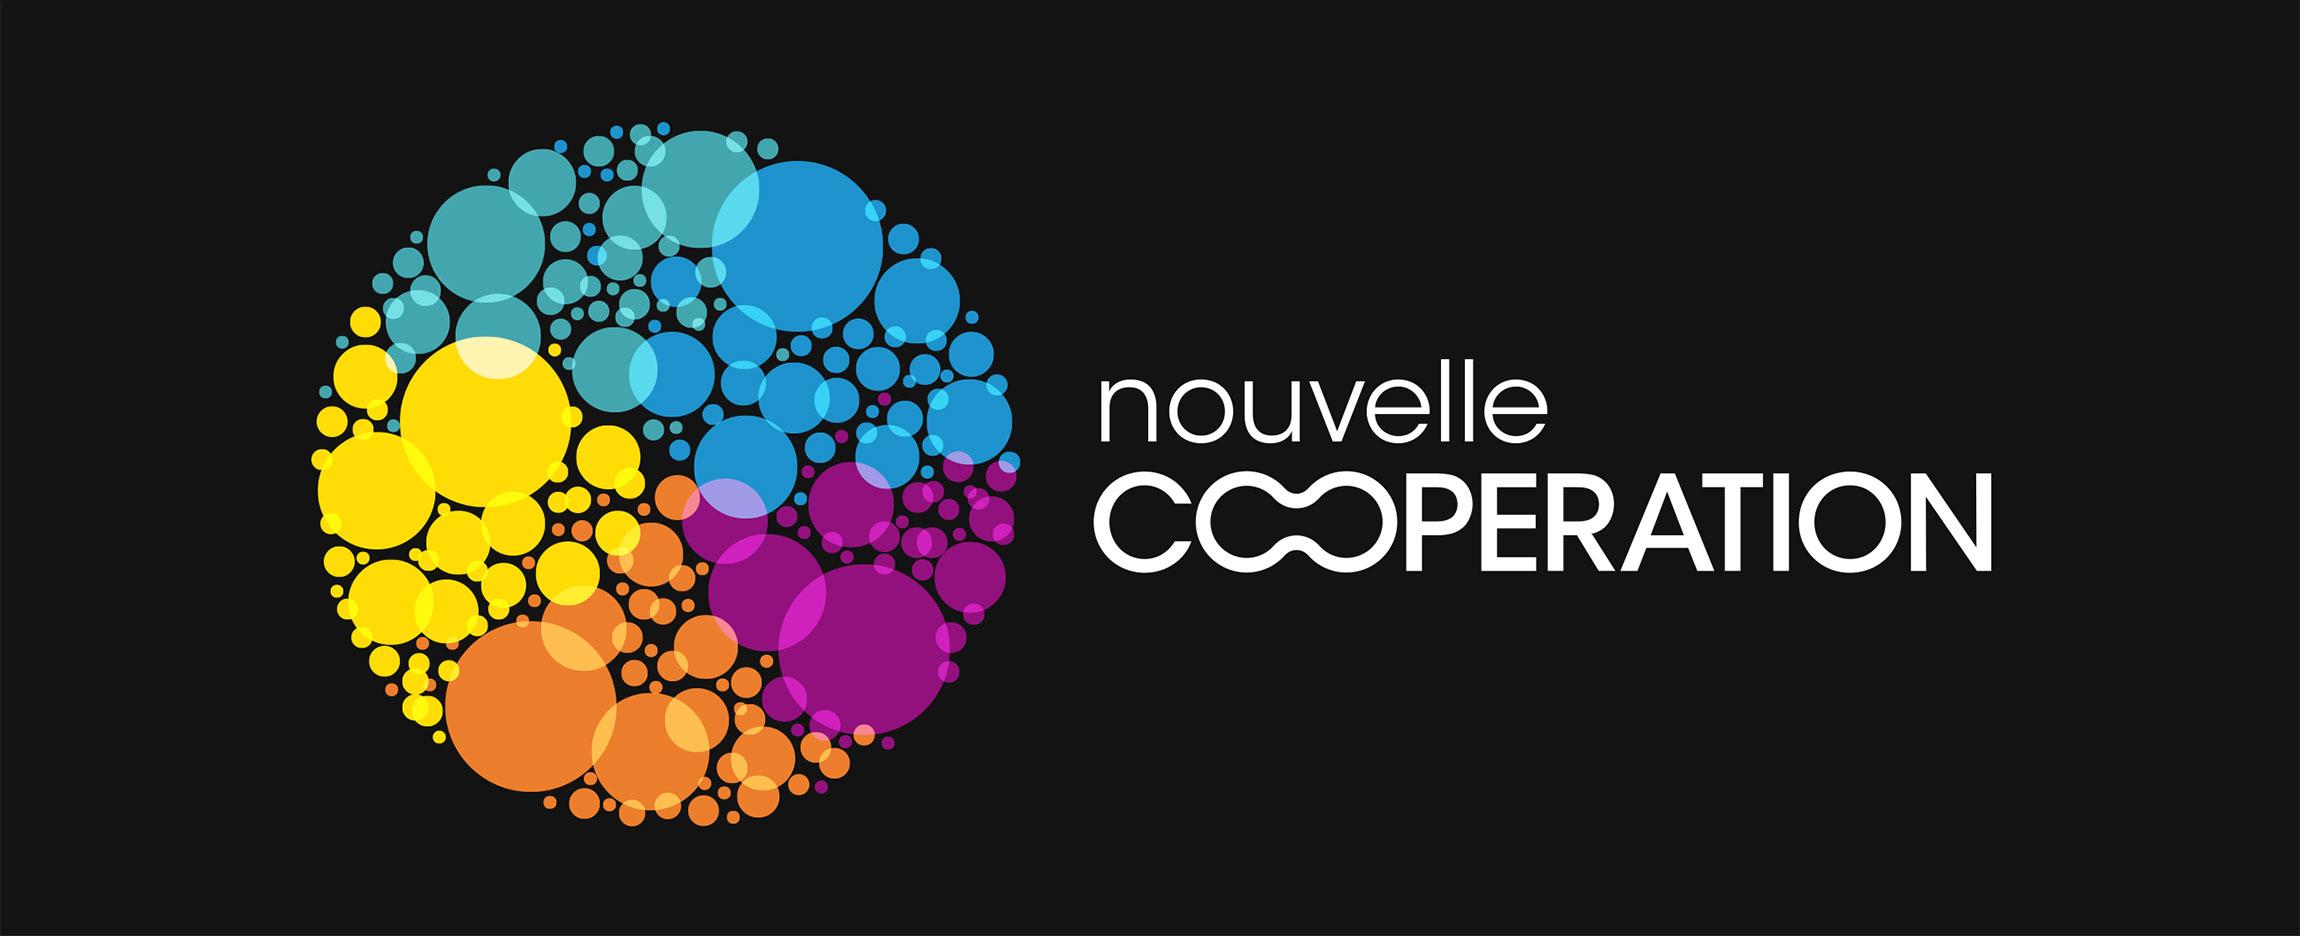 Création logo Nouvelle Coopération